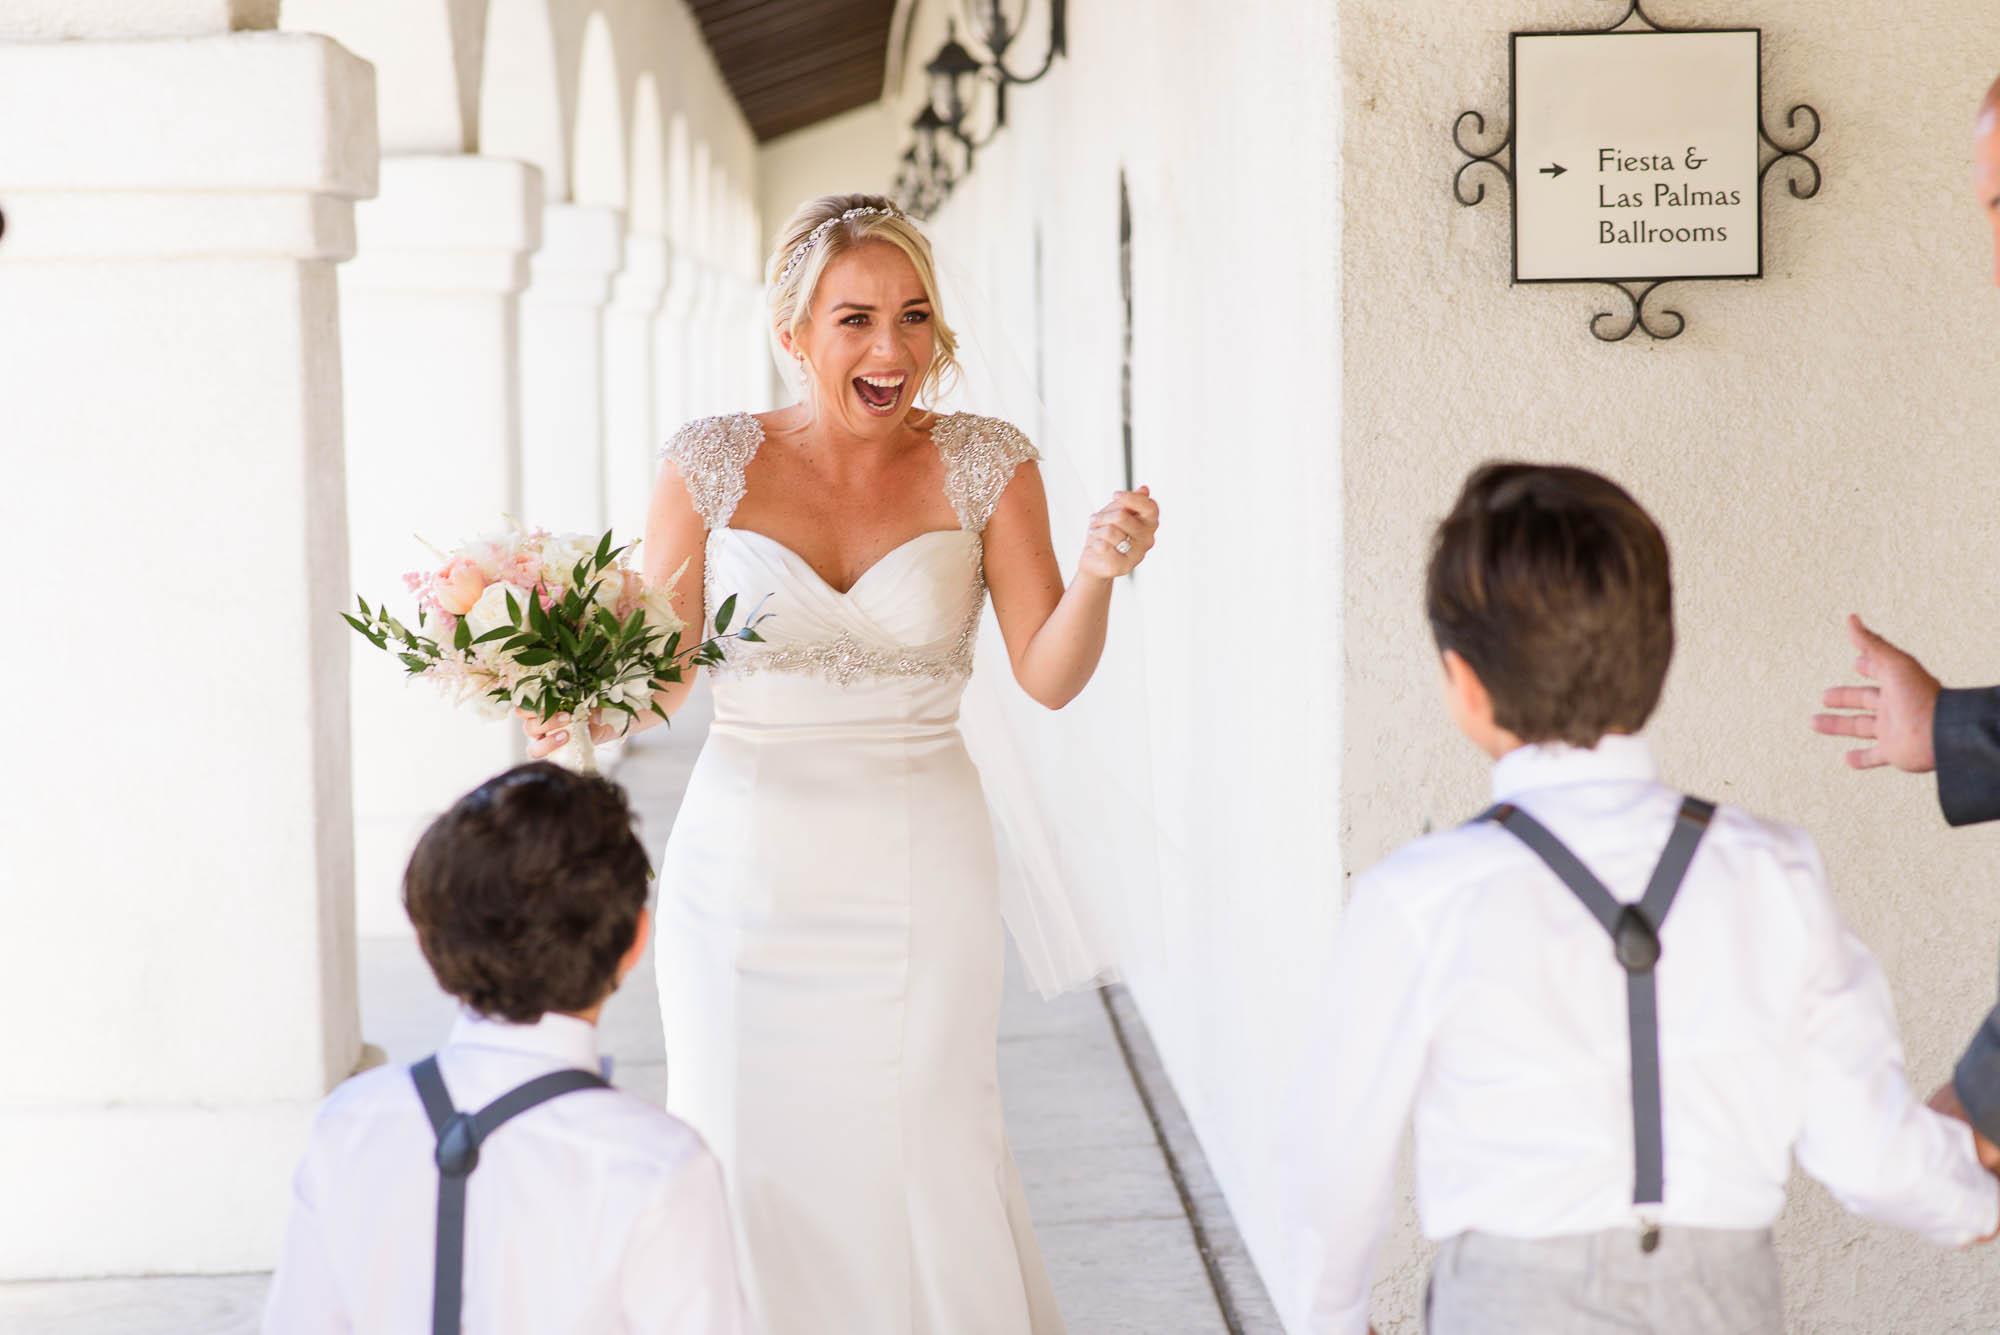 022_Alan_and_Heidi_Wedding_Amanda_Chad